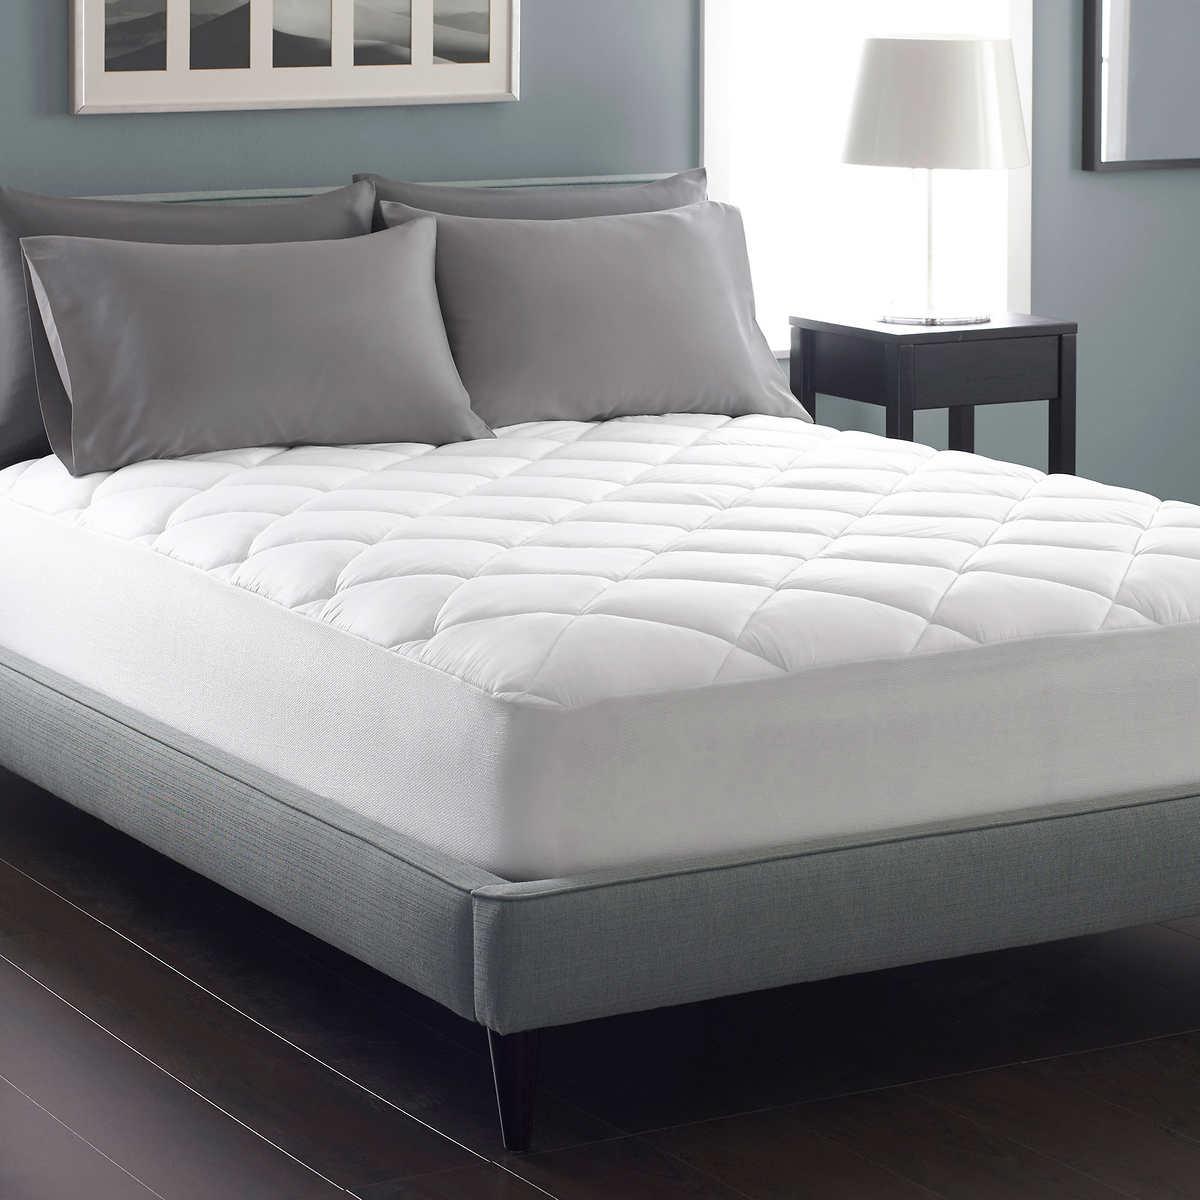 dry max waterproof mattress pad